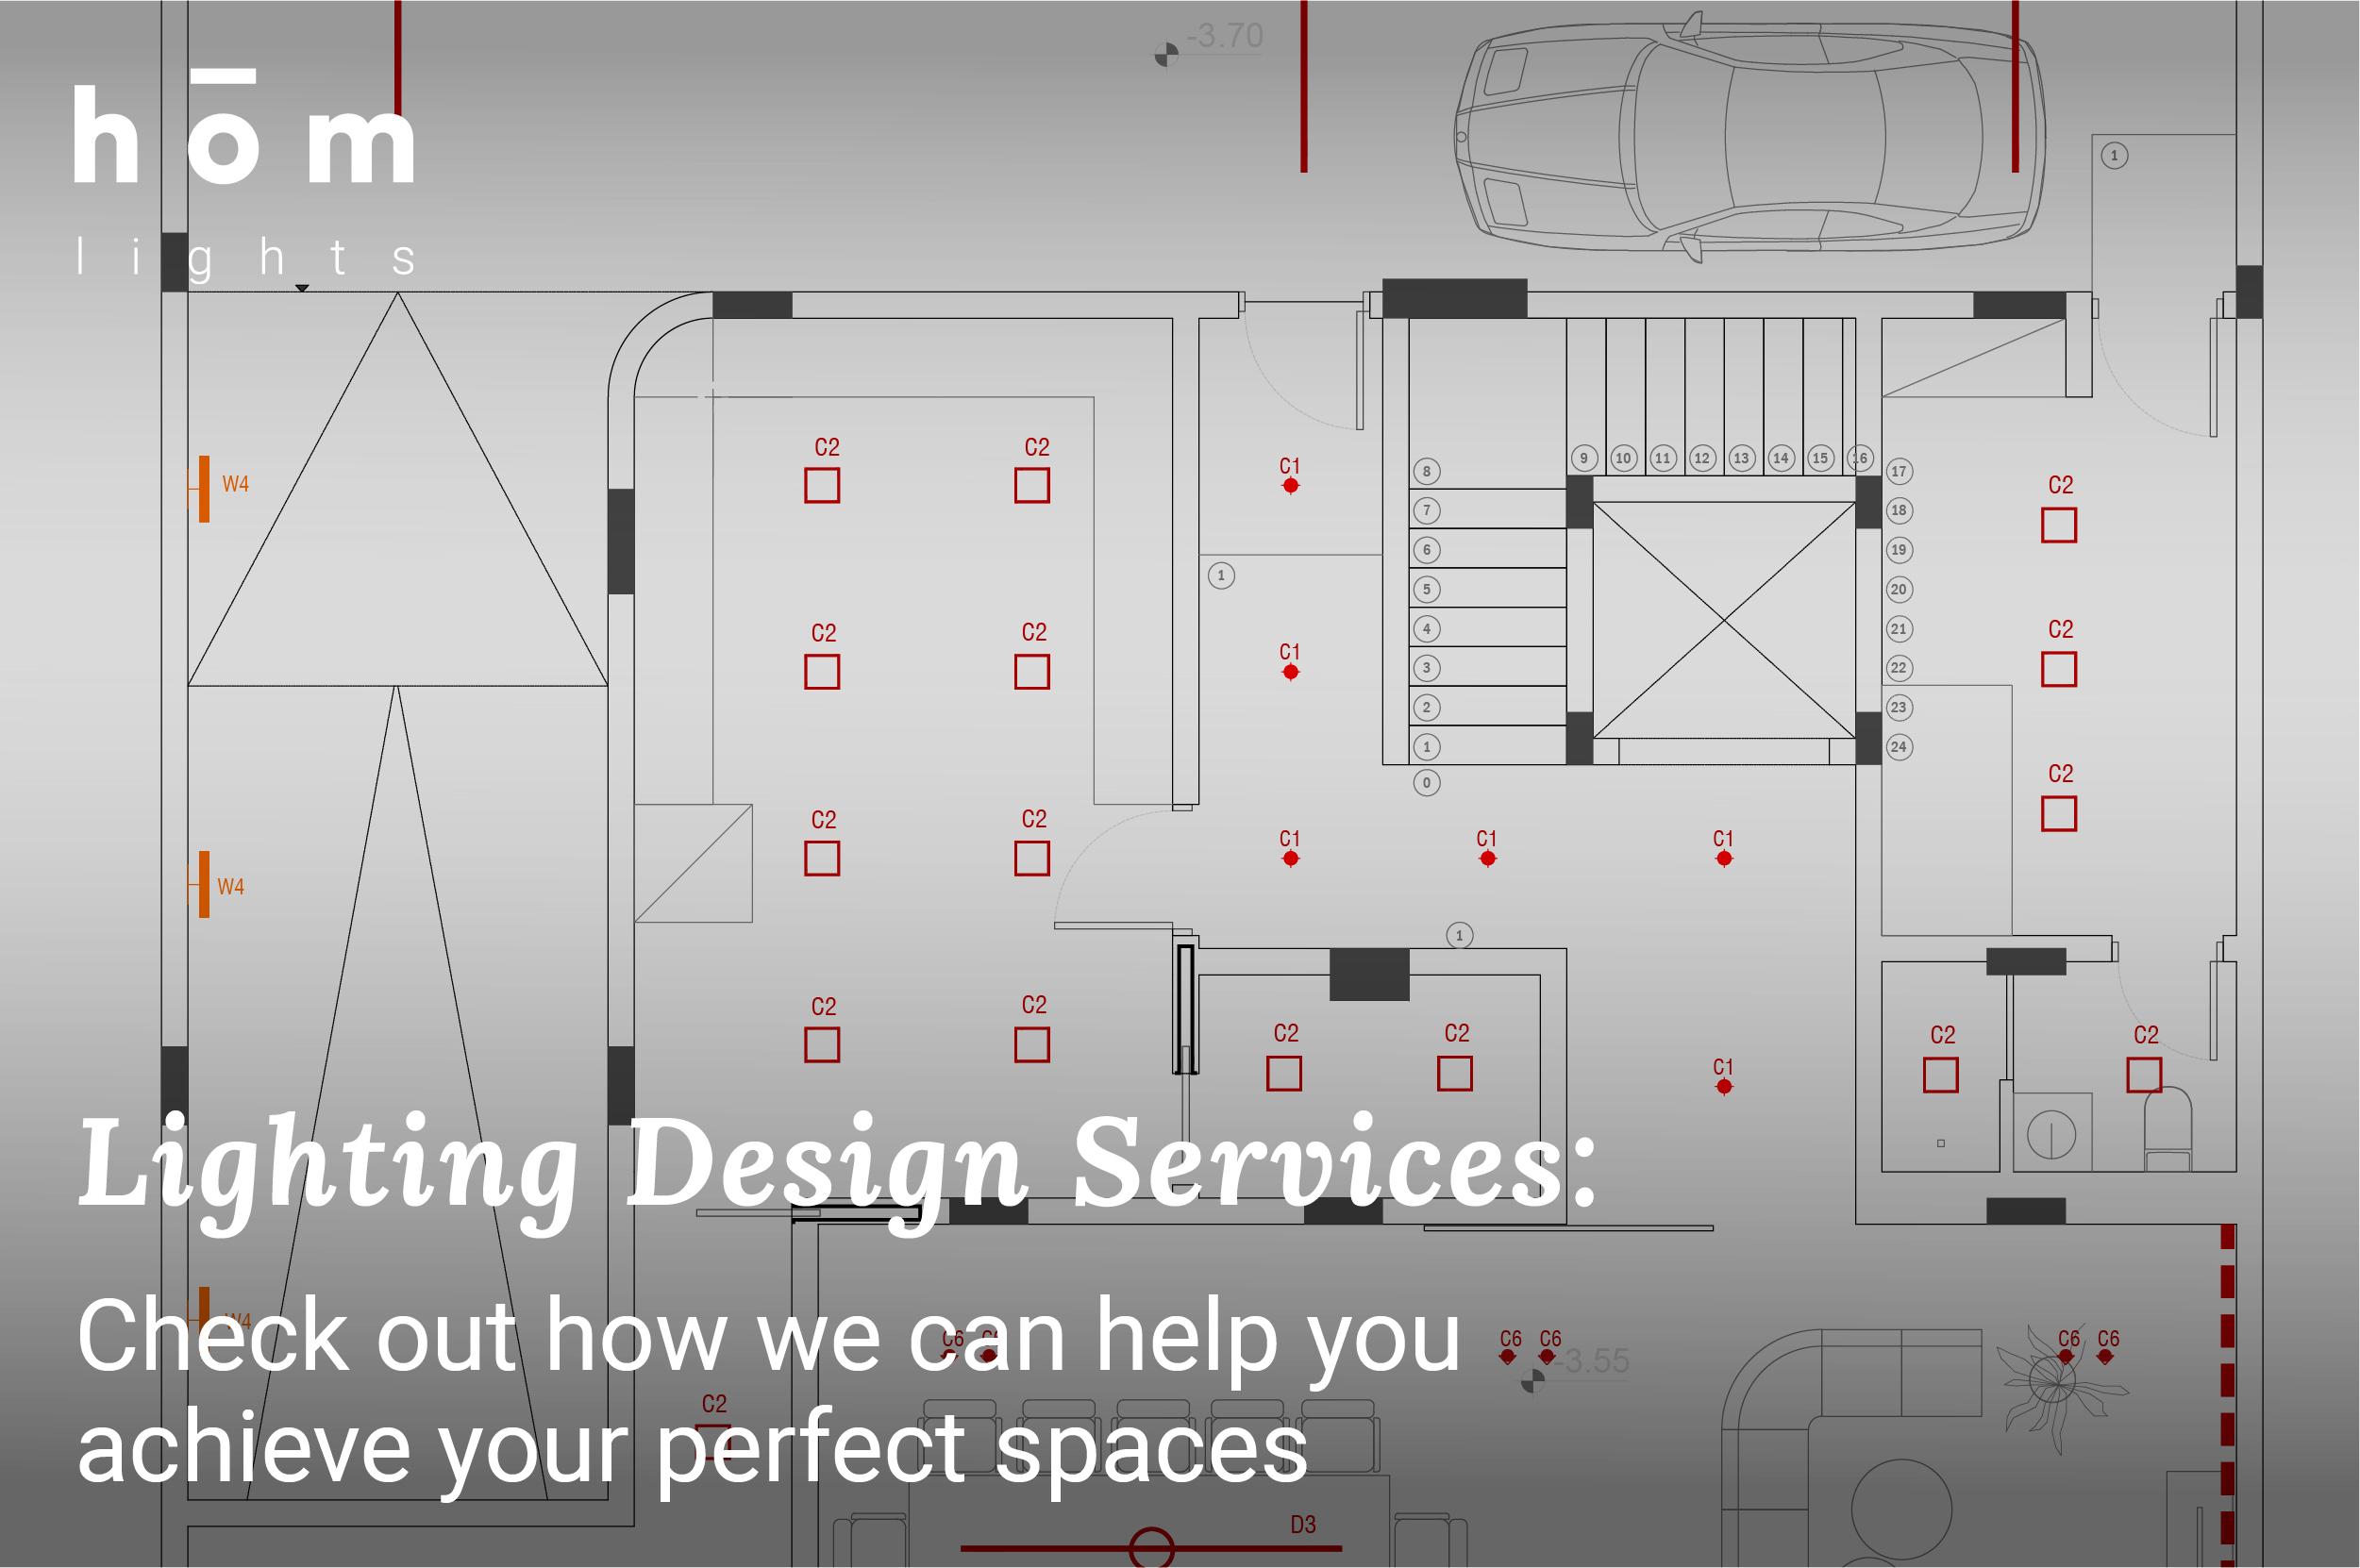 Lighting Design in Kuwait - homkw.com